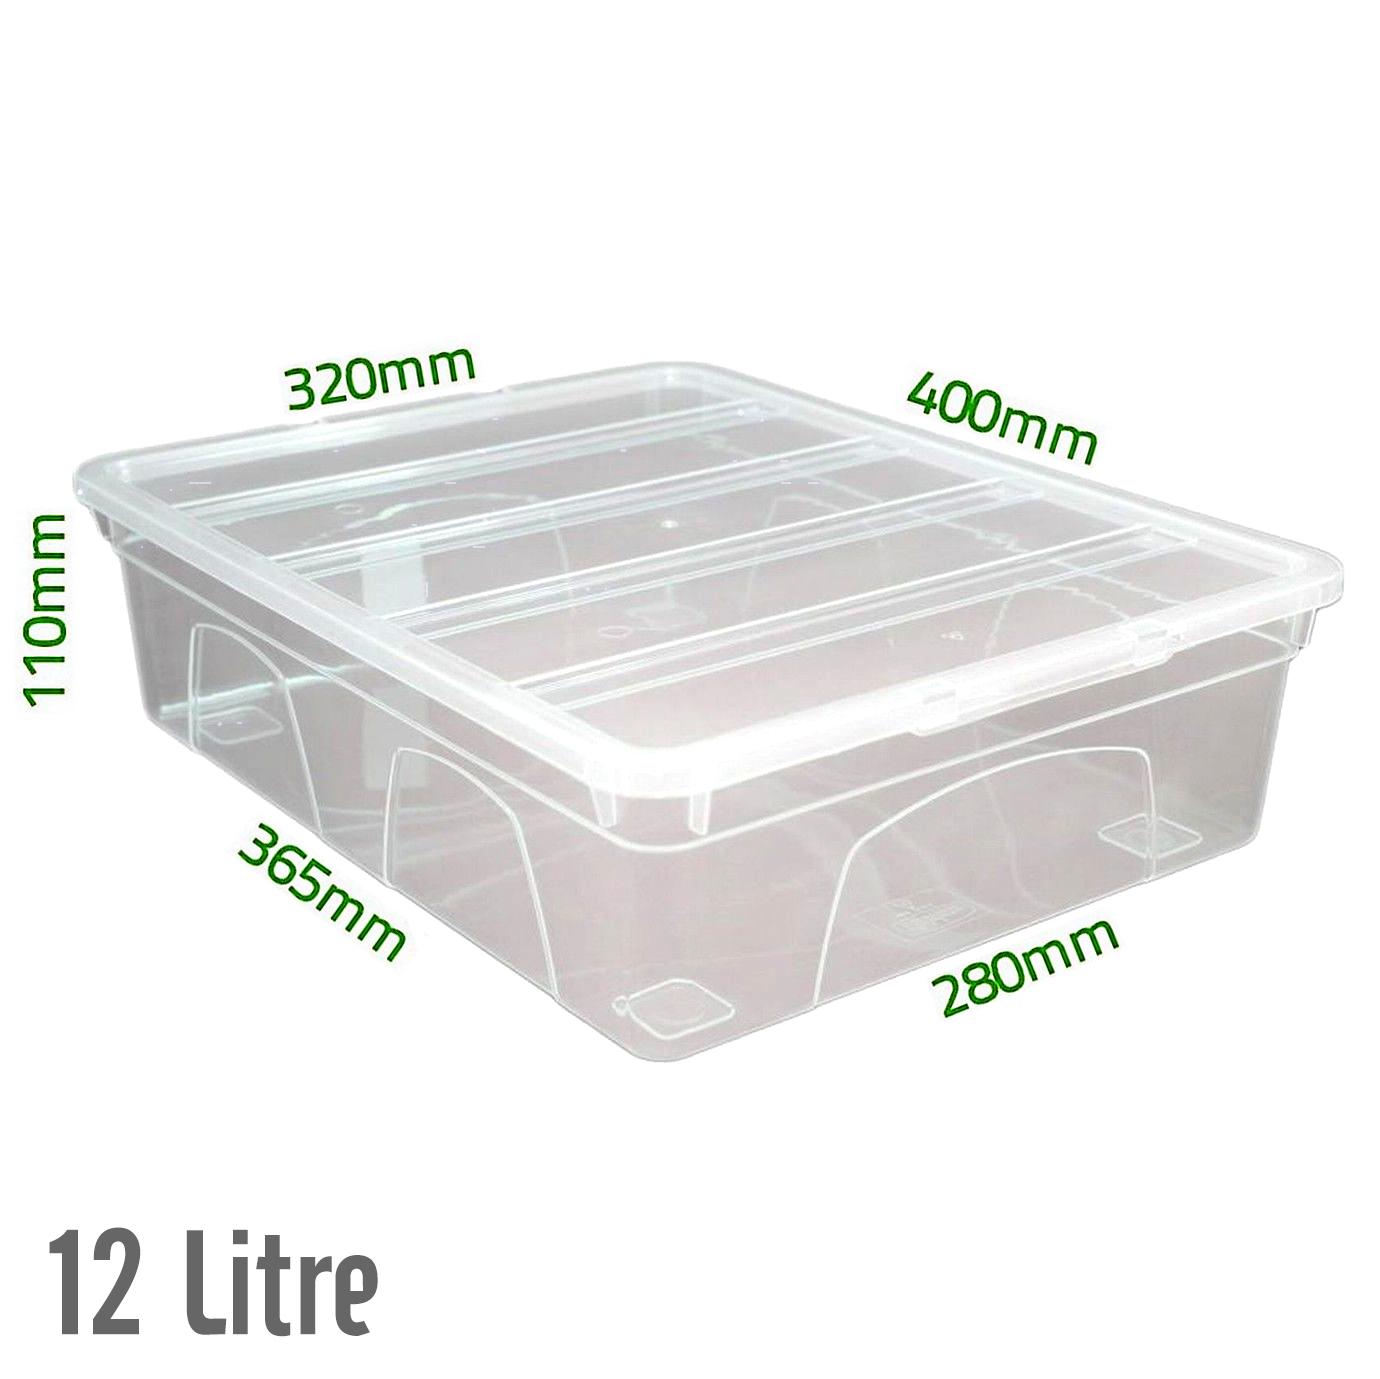 12 ltr debajo de la cama de pl stico transparente cajas for Cajas de plastico transparente